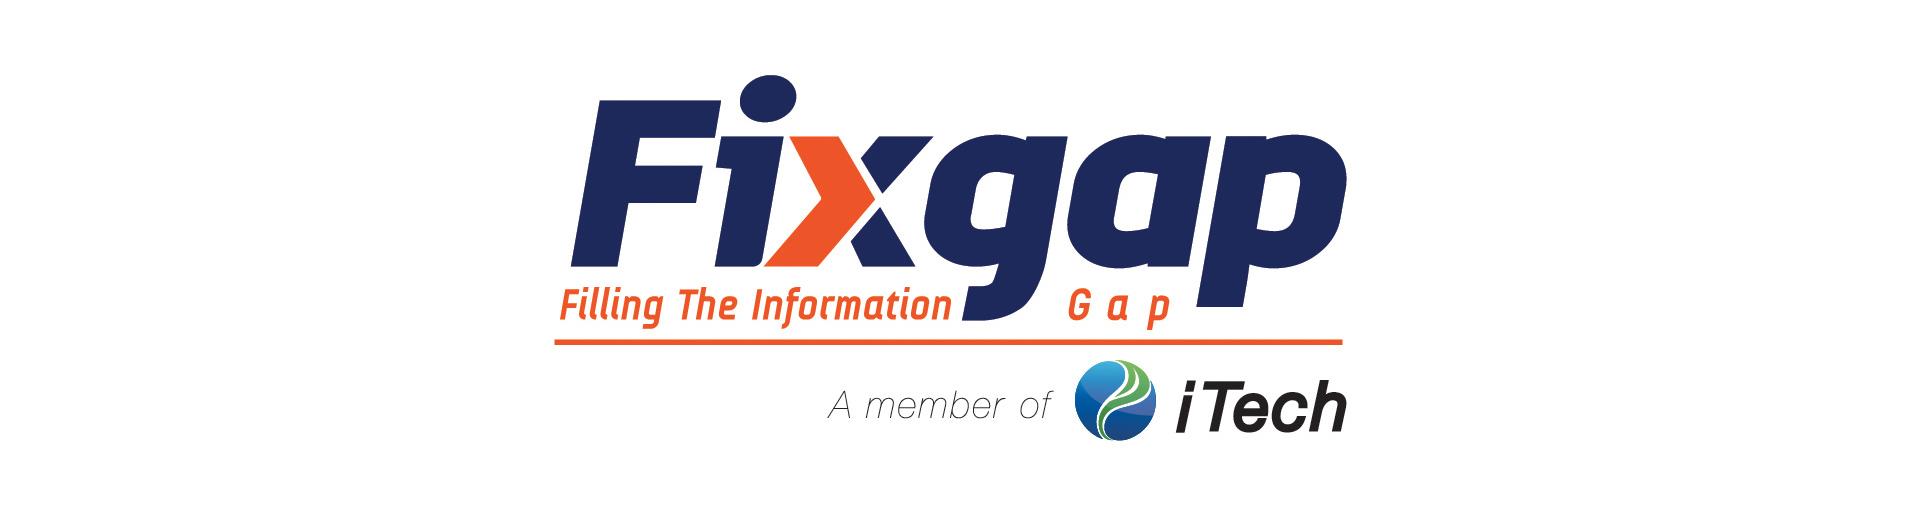 Logo azul con naranja de tecnología fixgap